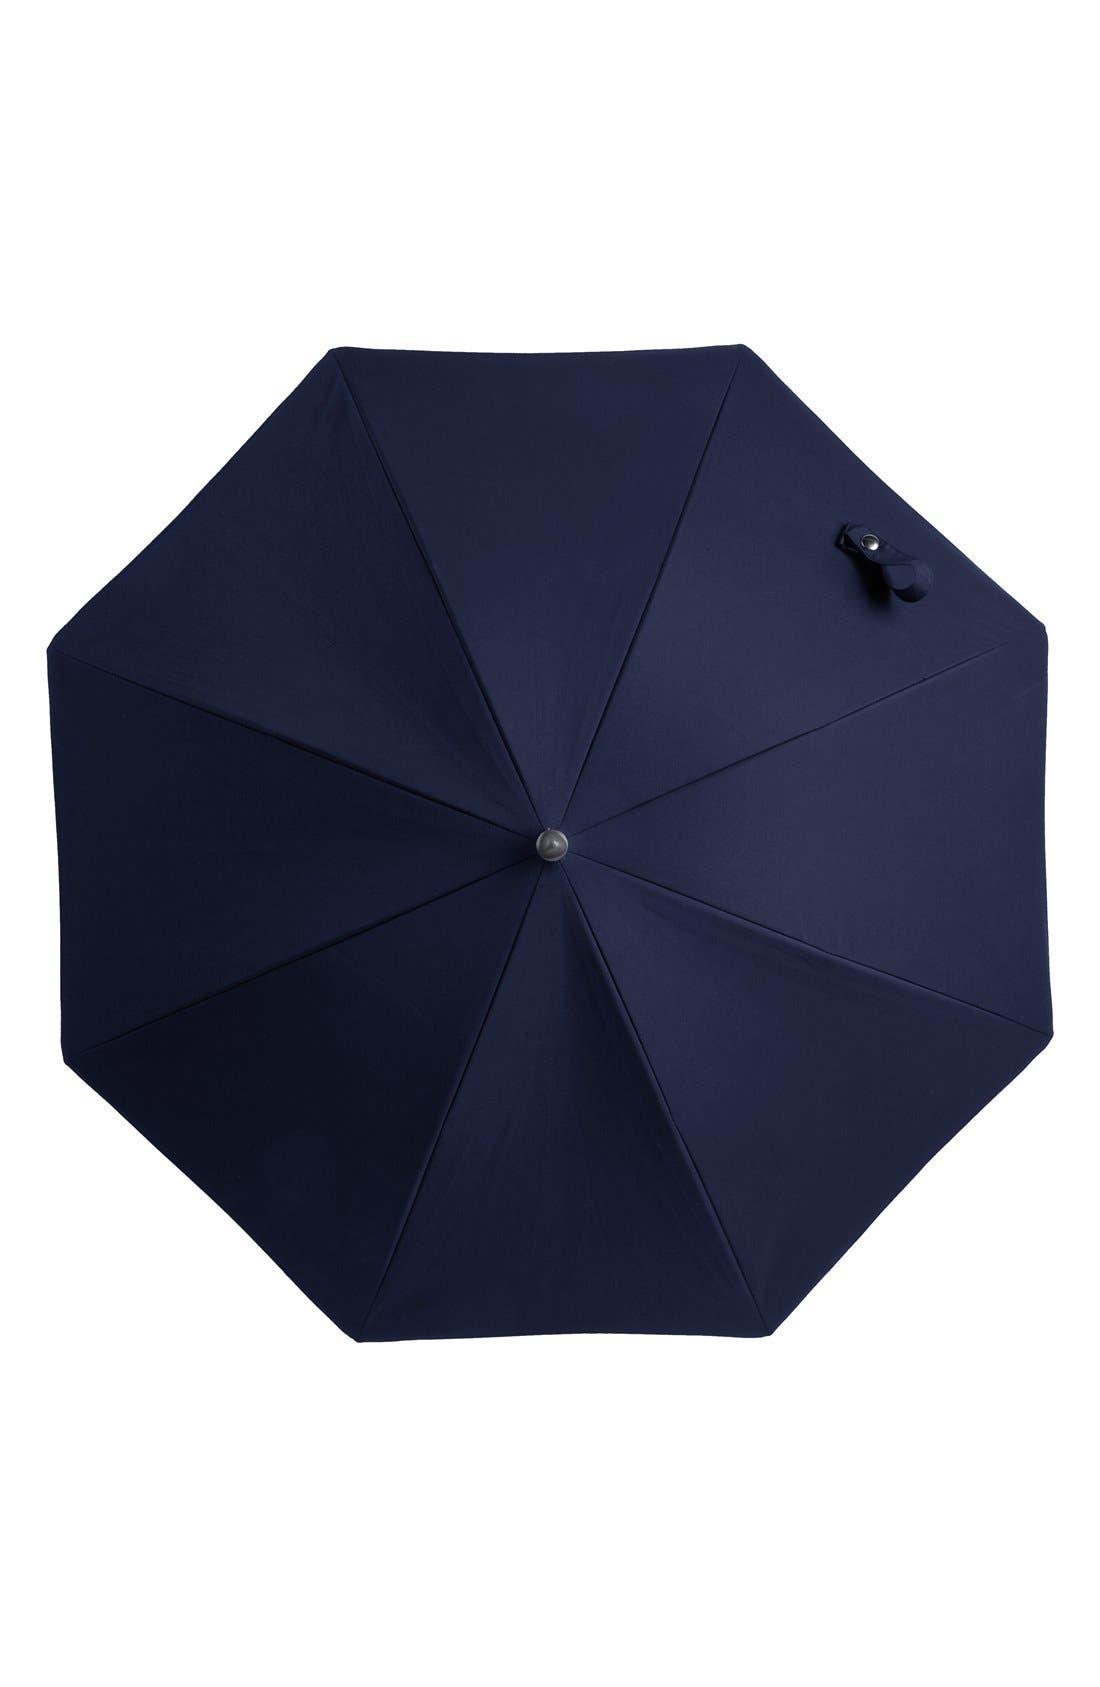 Main Image - Stokke Stroller Parasol